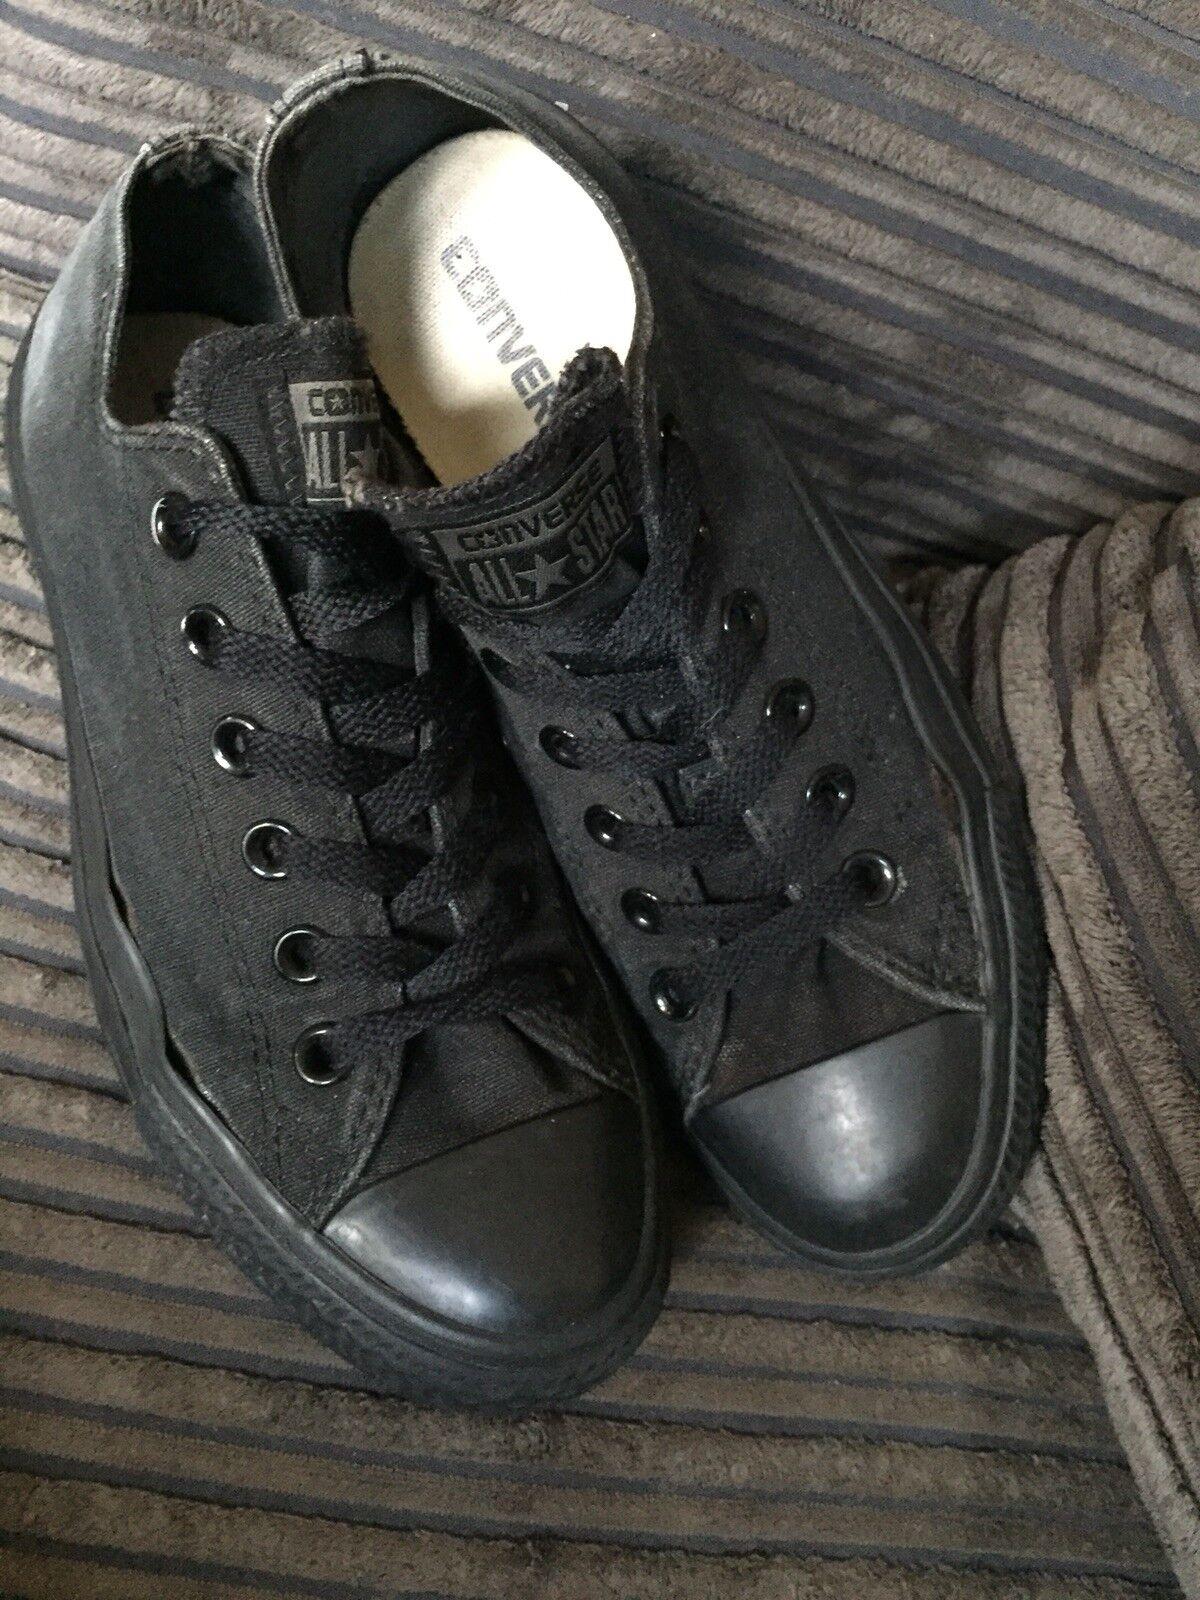 Bottes femme noires Low Top Converse Baskets, Taille 5, Habillées